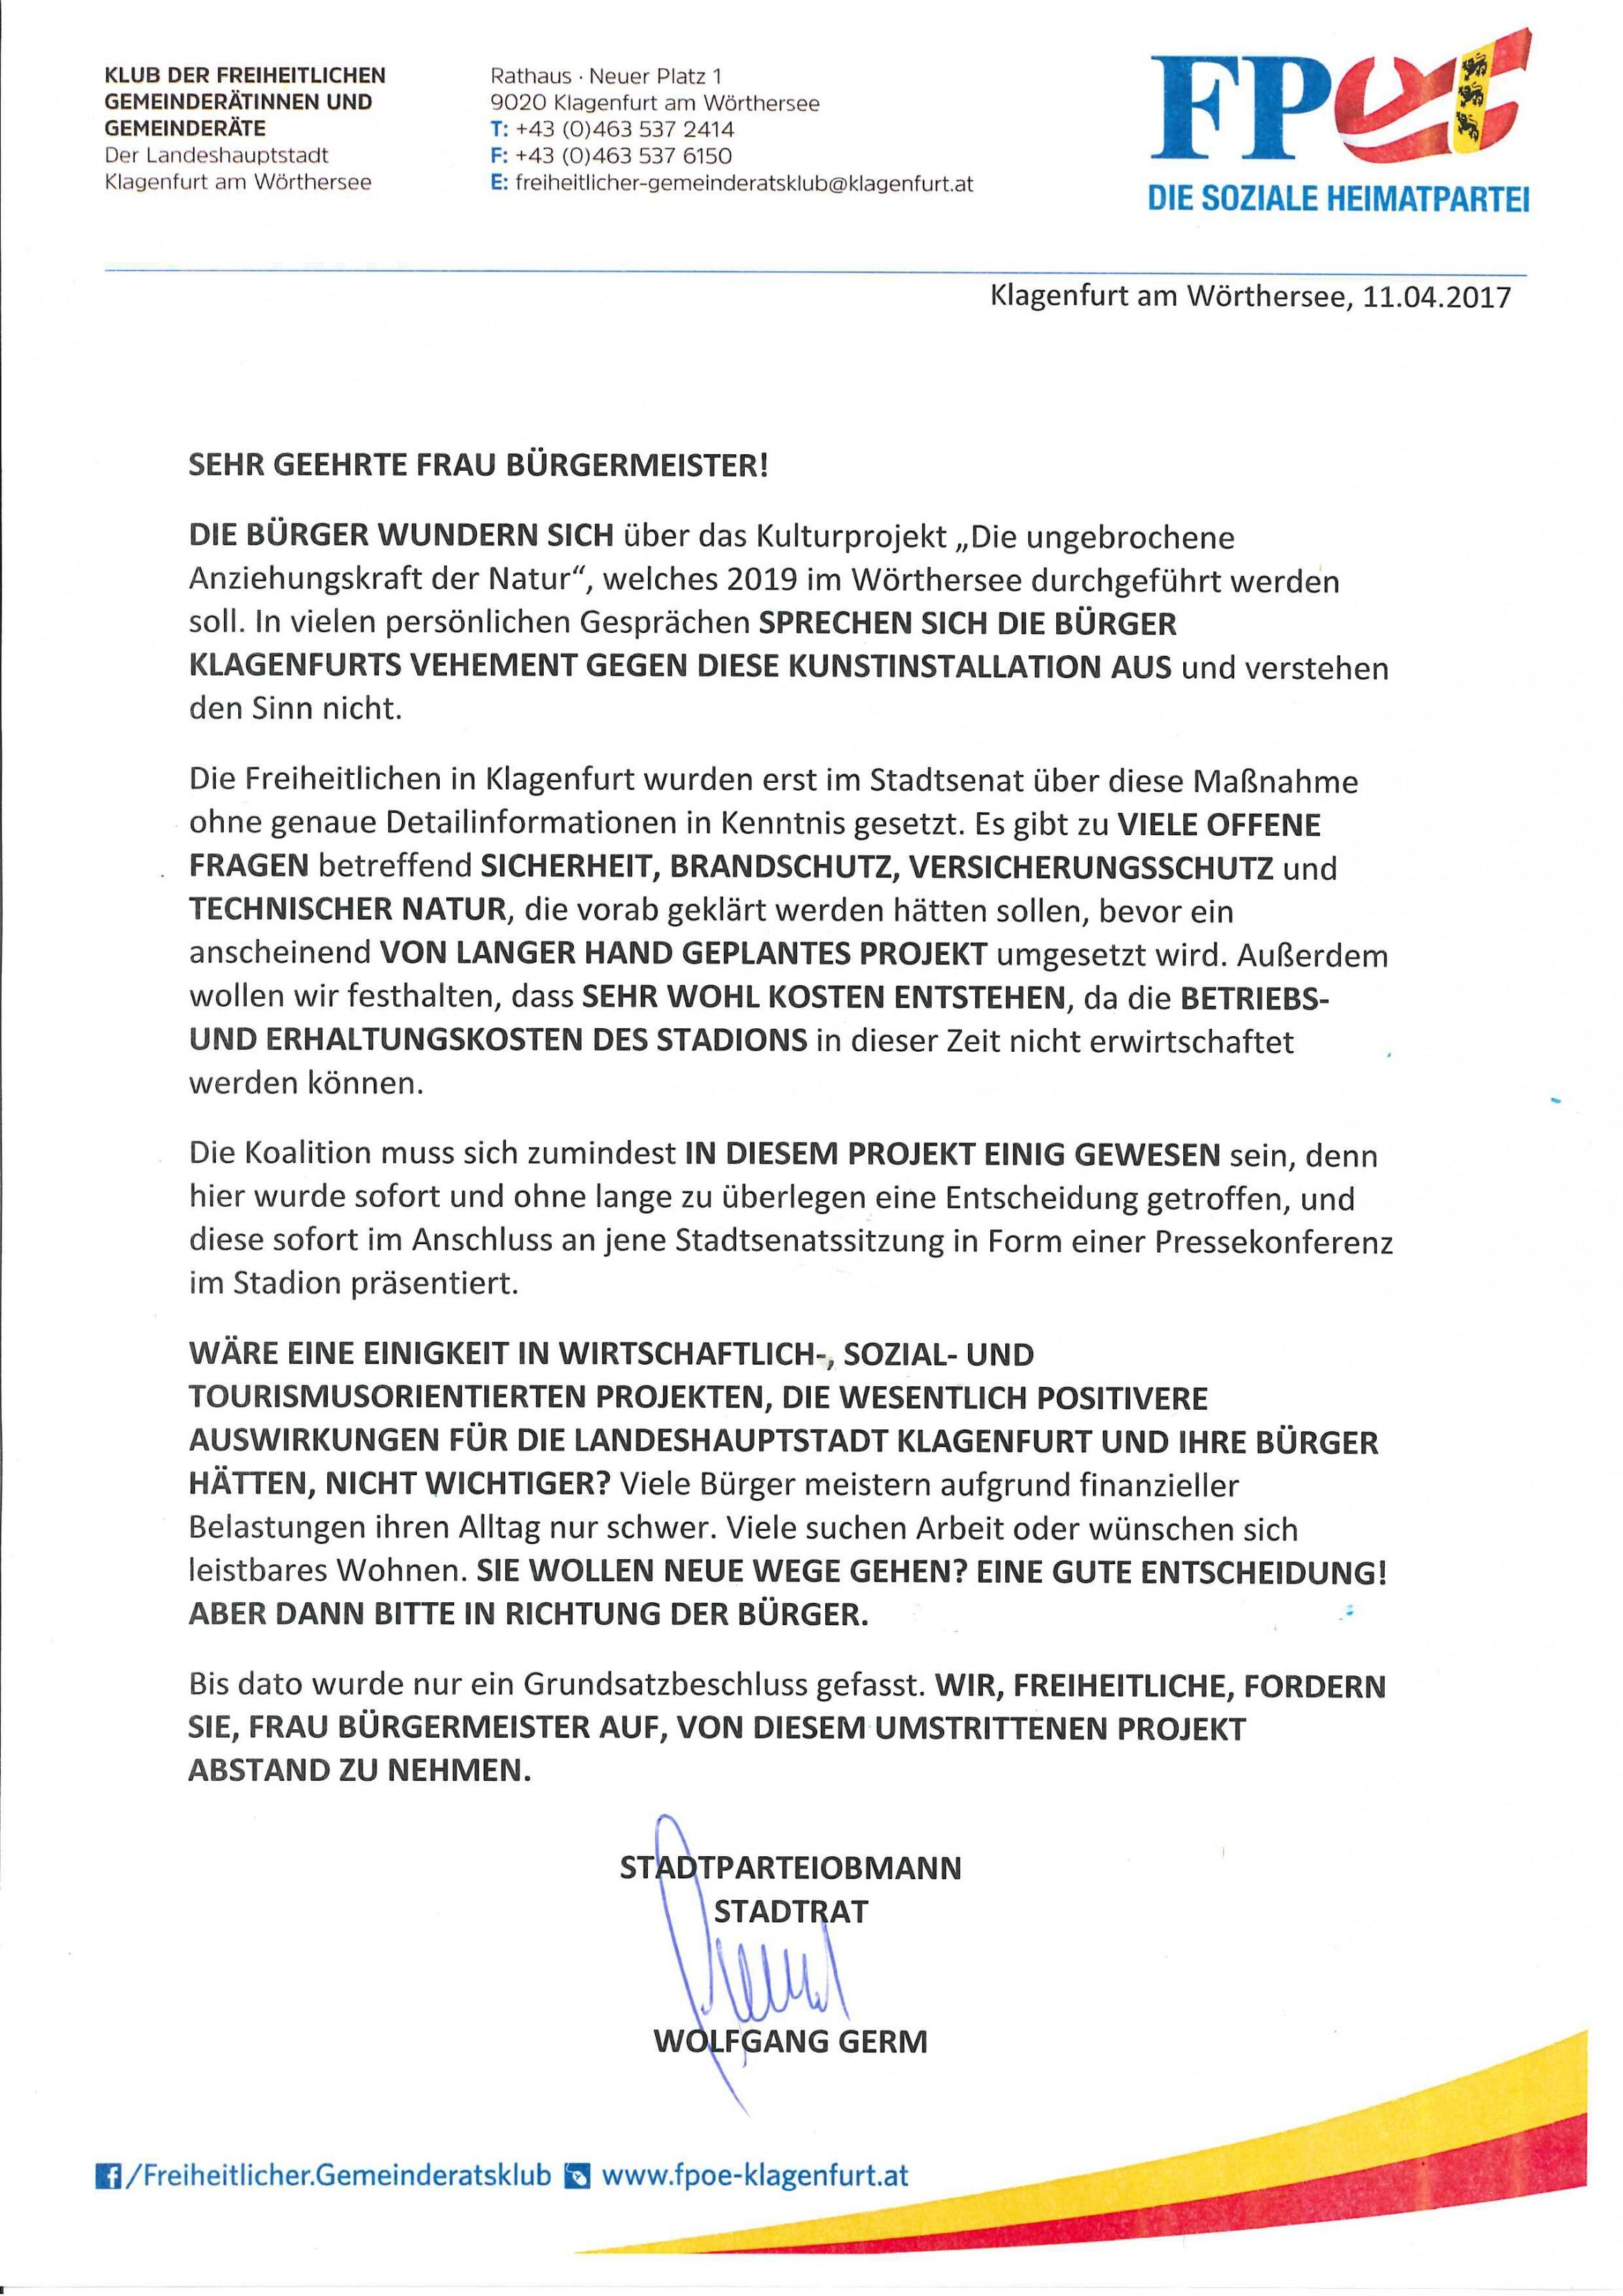 Offener Brief Zum Kunstprojekt Im Stadion Bürgermeisterin Soll